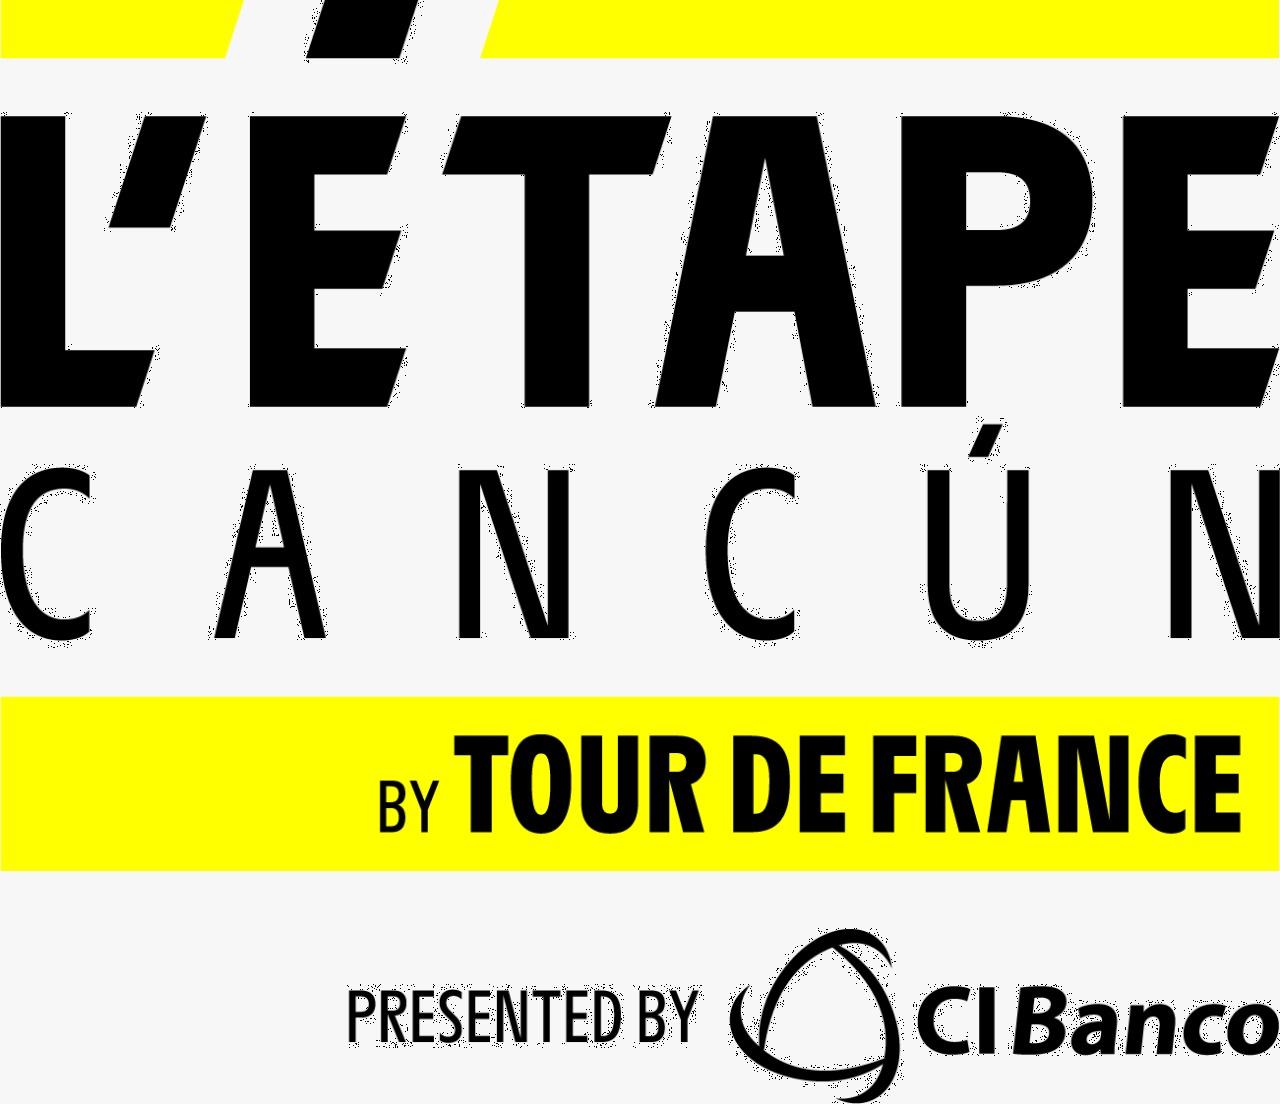 La Etapa Cancún by Le Tour de France 2020